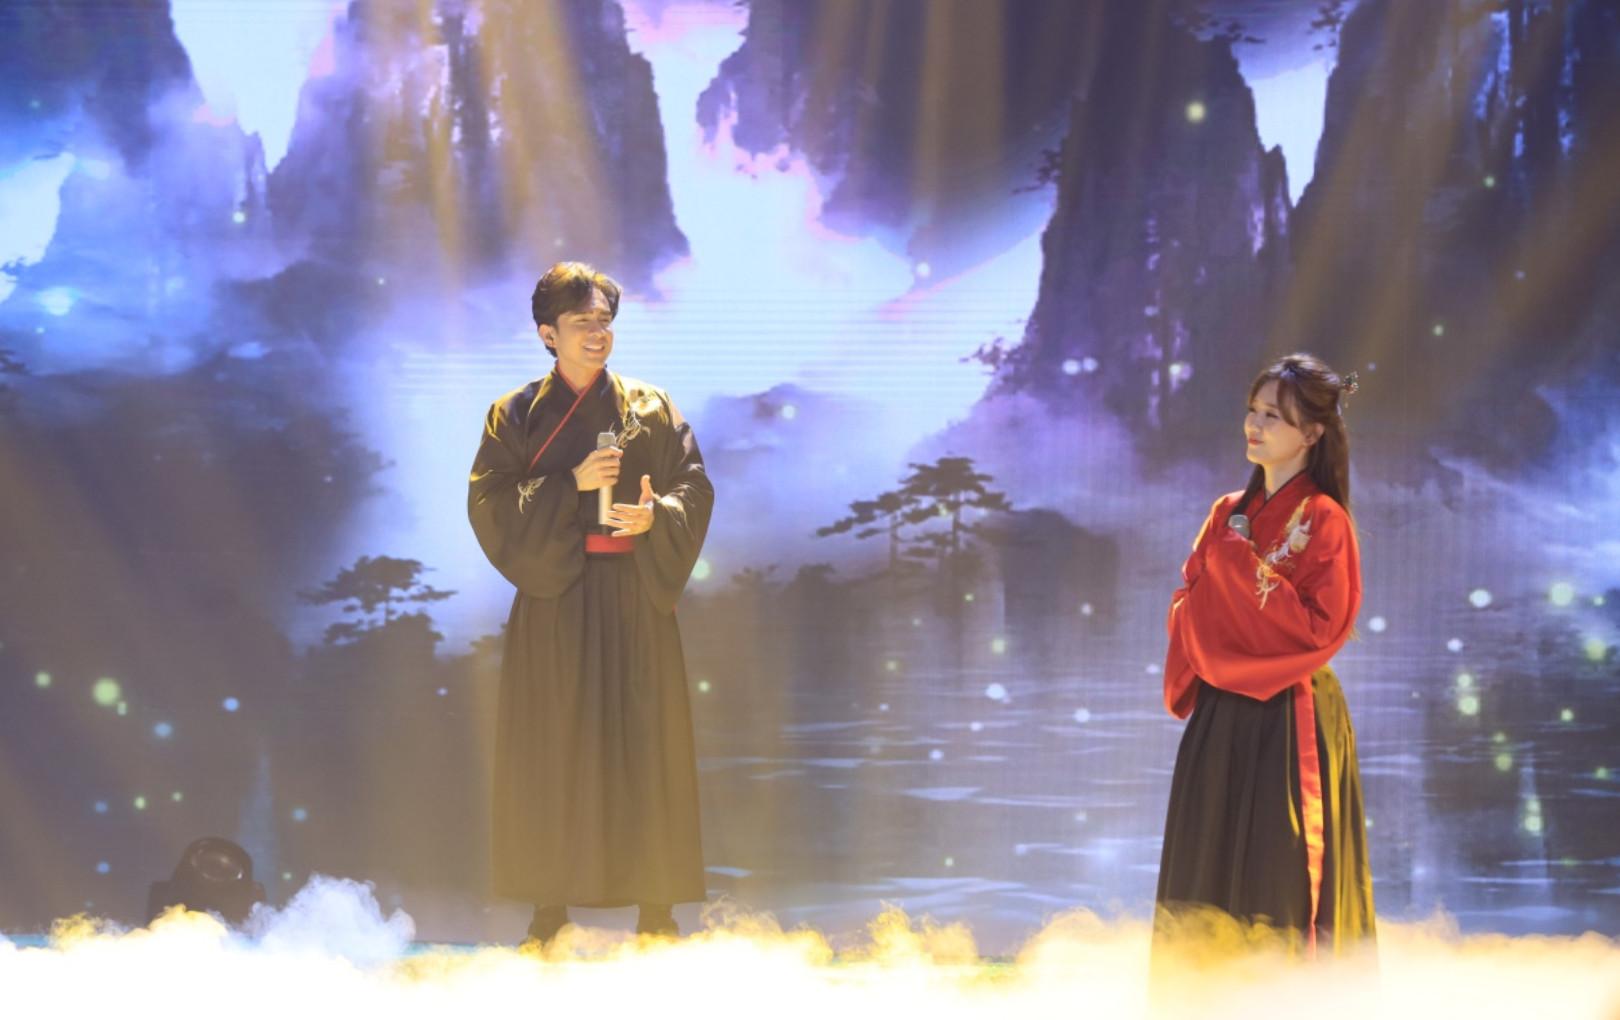 'Bài hát đầu tiên': Hari Won công khai hâm mộ, khen Đan Trường trai đẹp trên sóng truyền hình